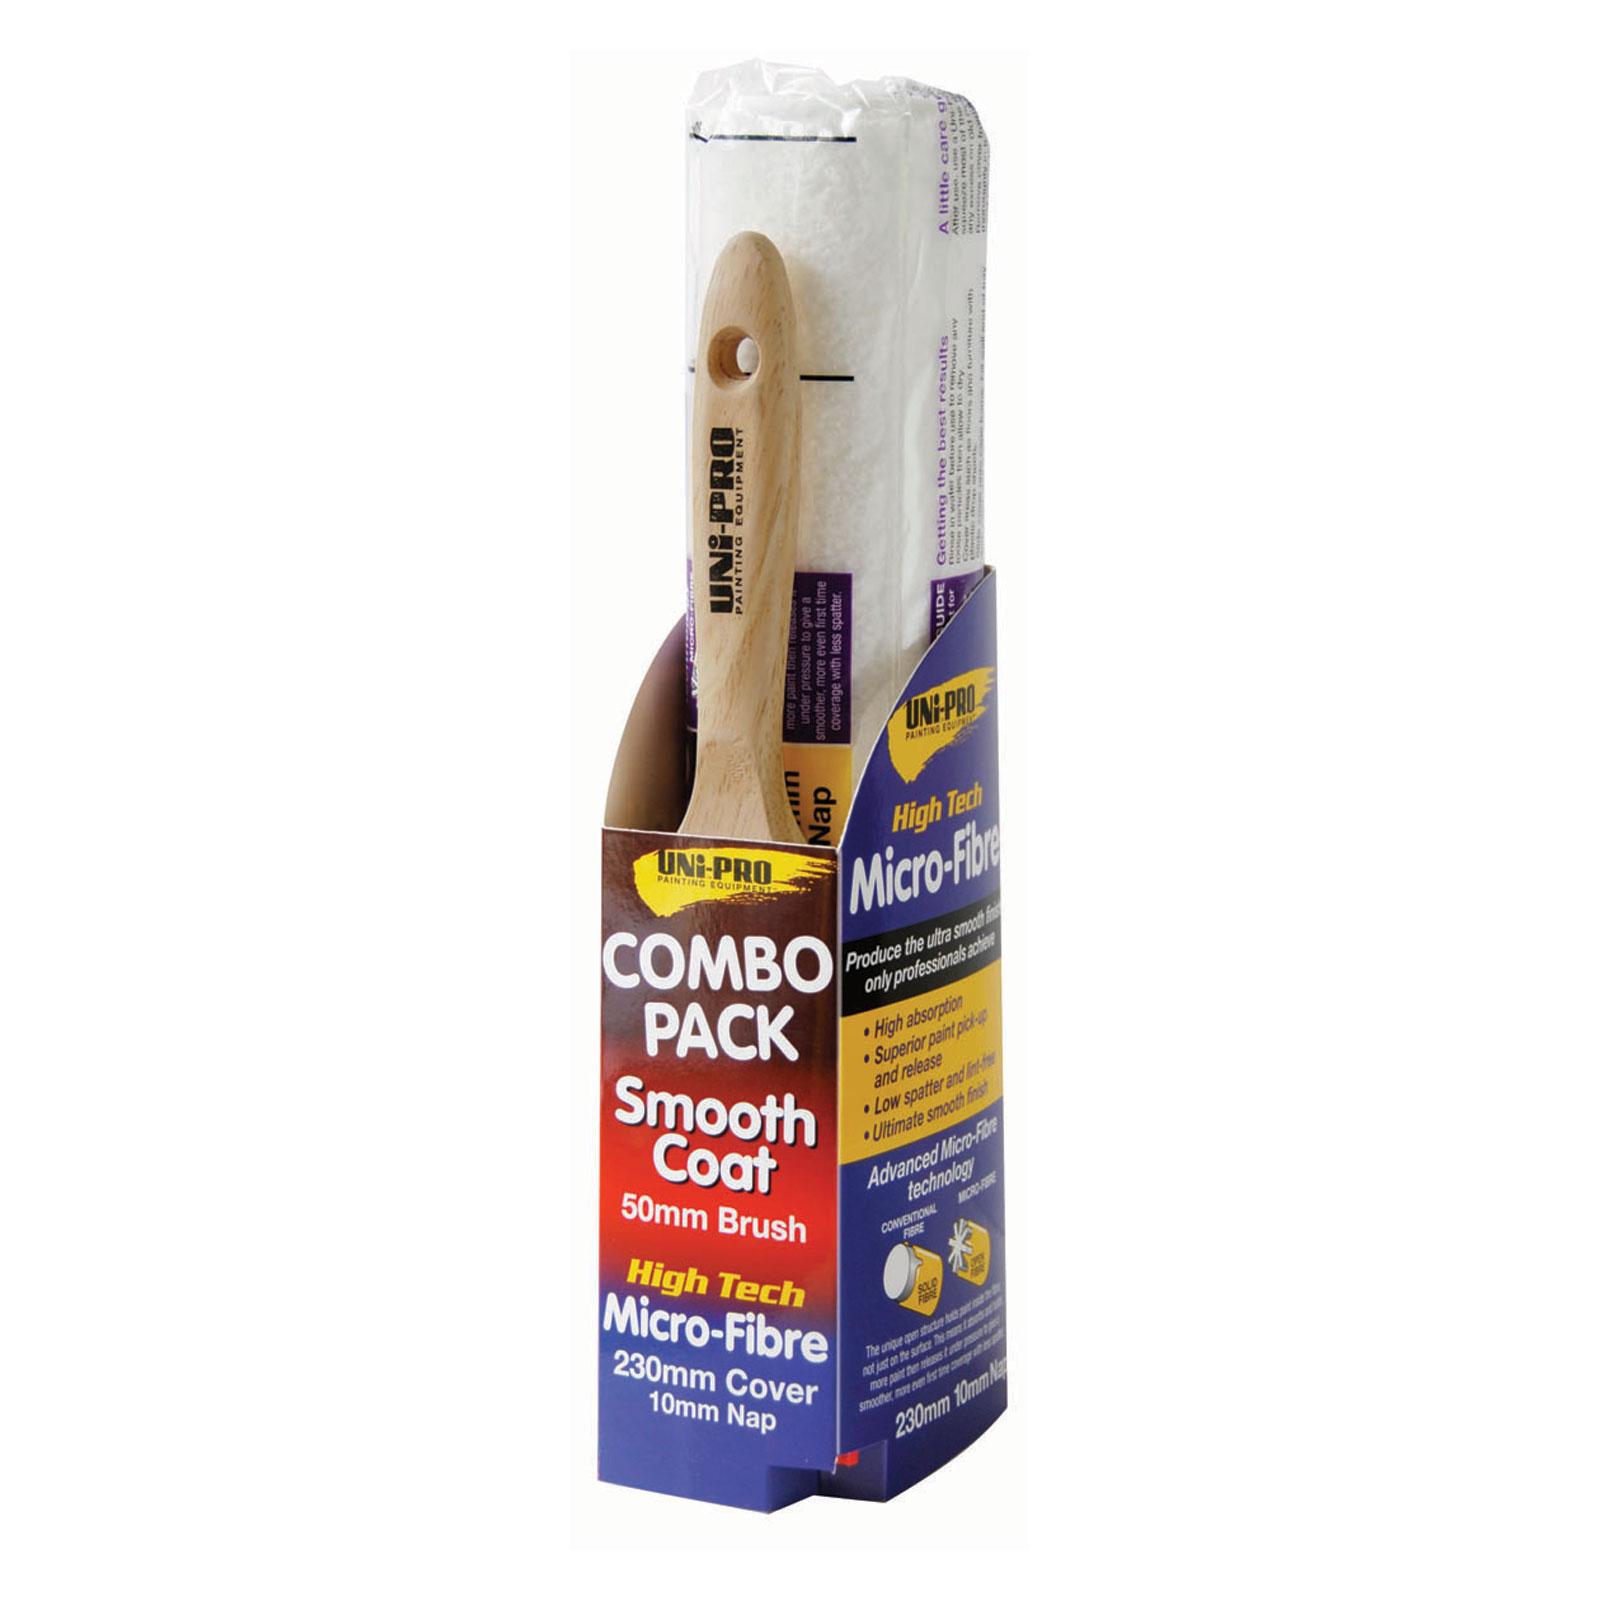 UNi-PRO Brush & Roller Combo Pack